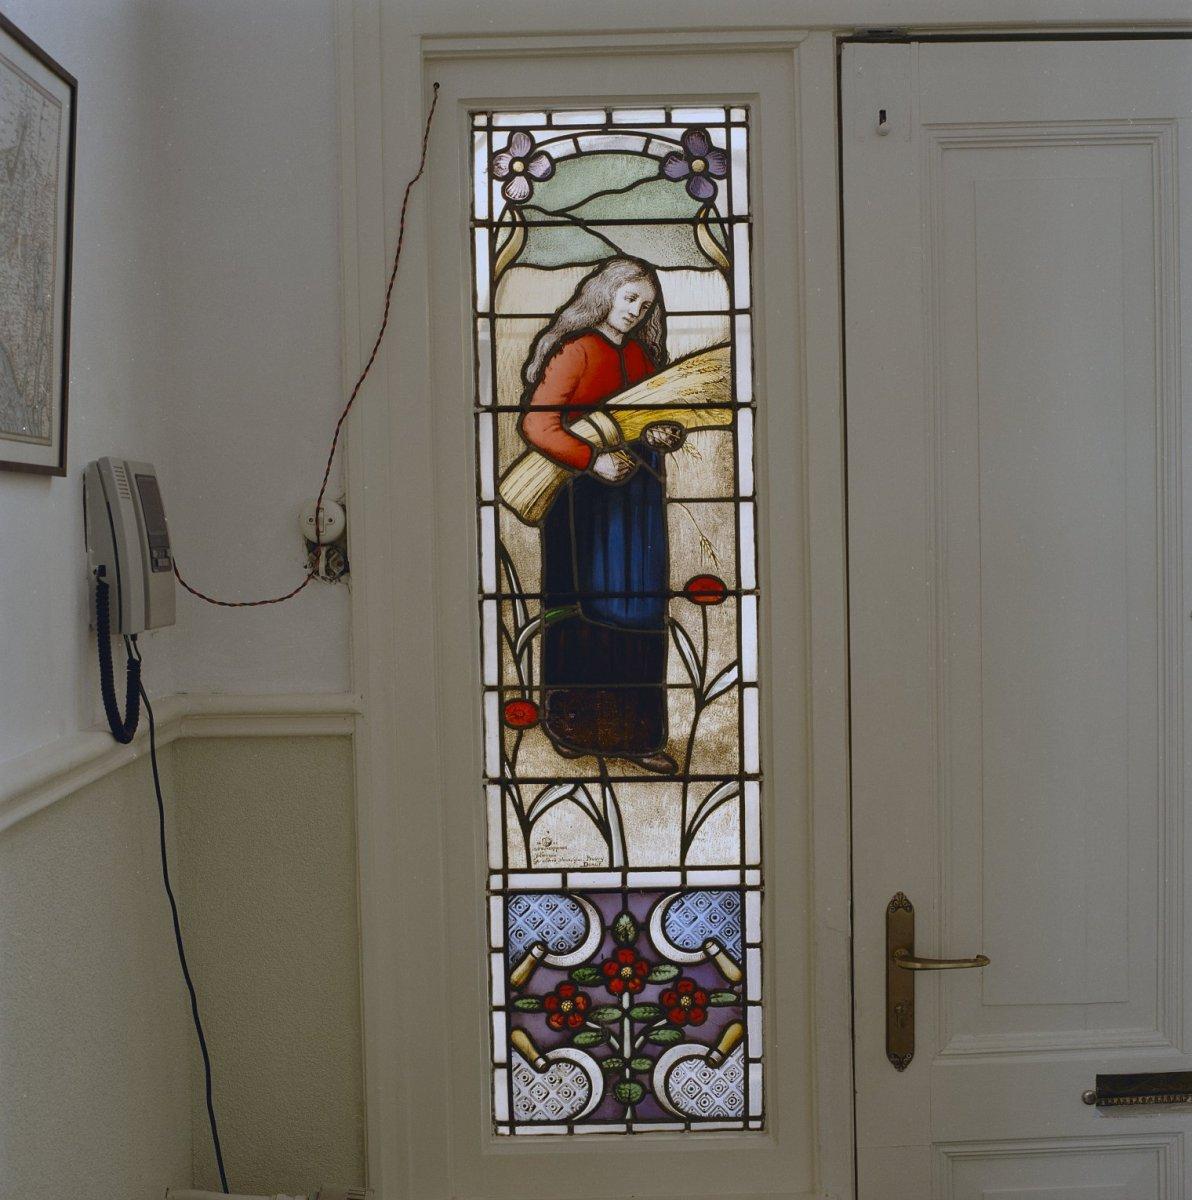 Deur Met Glas.File Interieur Deur Met Glas In Lood Tholen 20331877 Rce Jpg